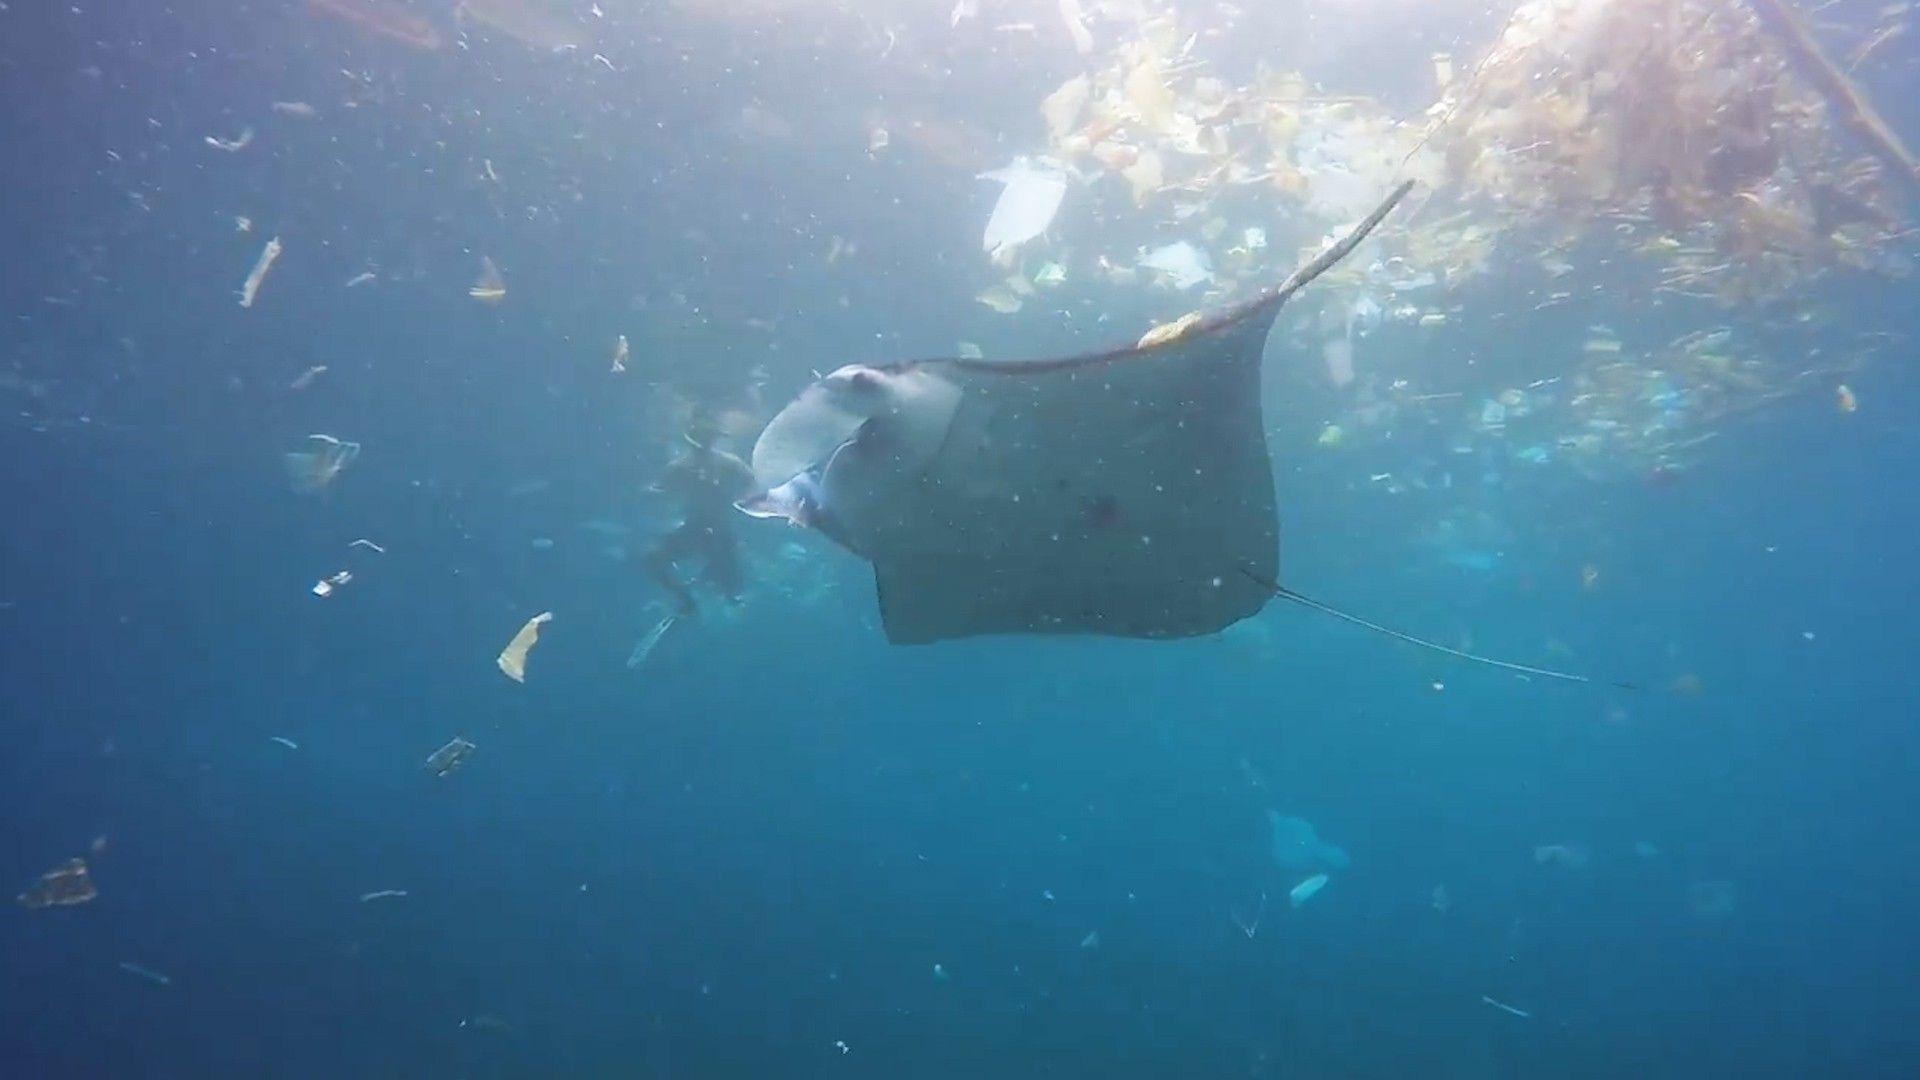 Imagens chocantes mostram raia-manta nadando em mar de plástico